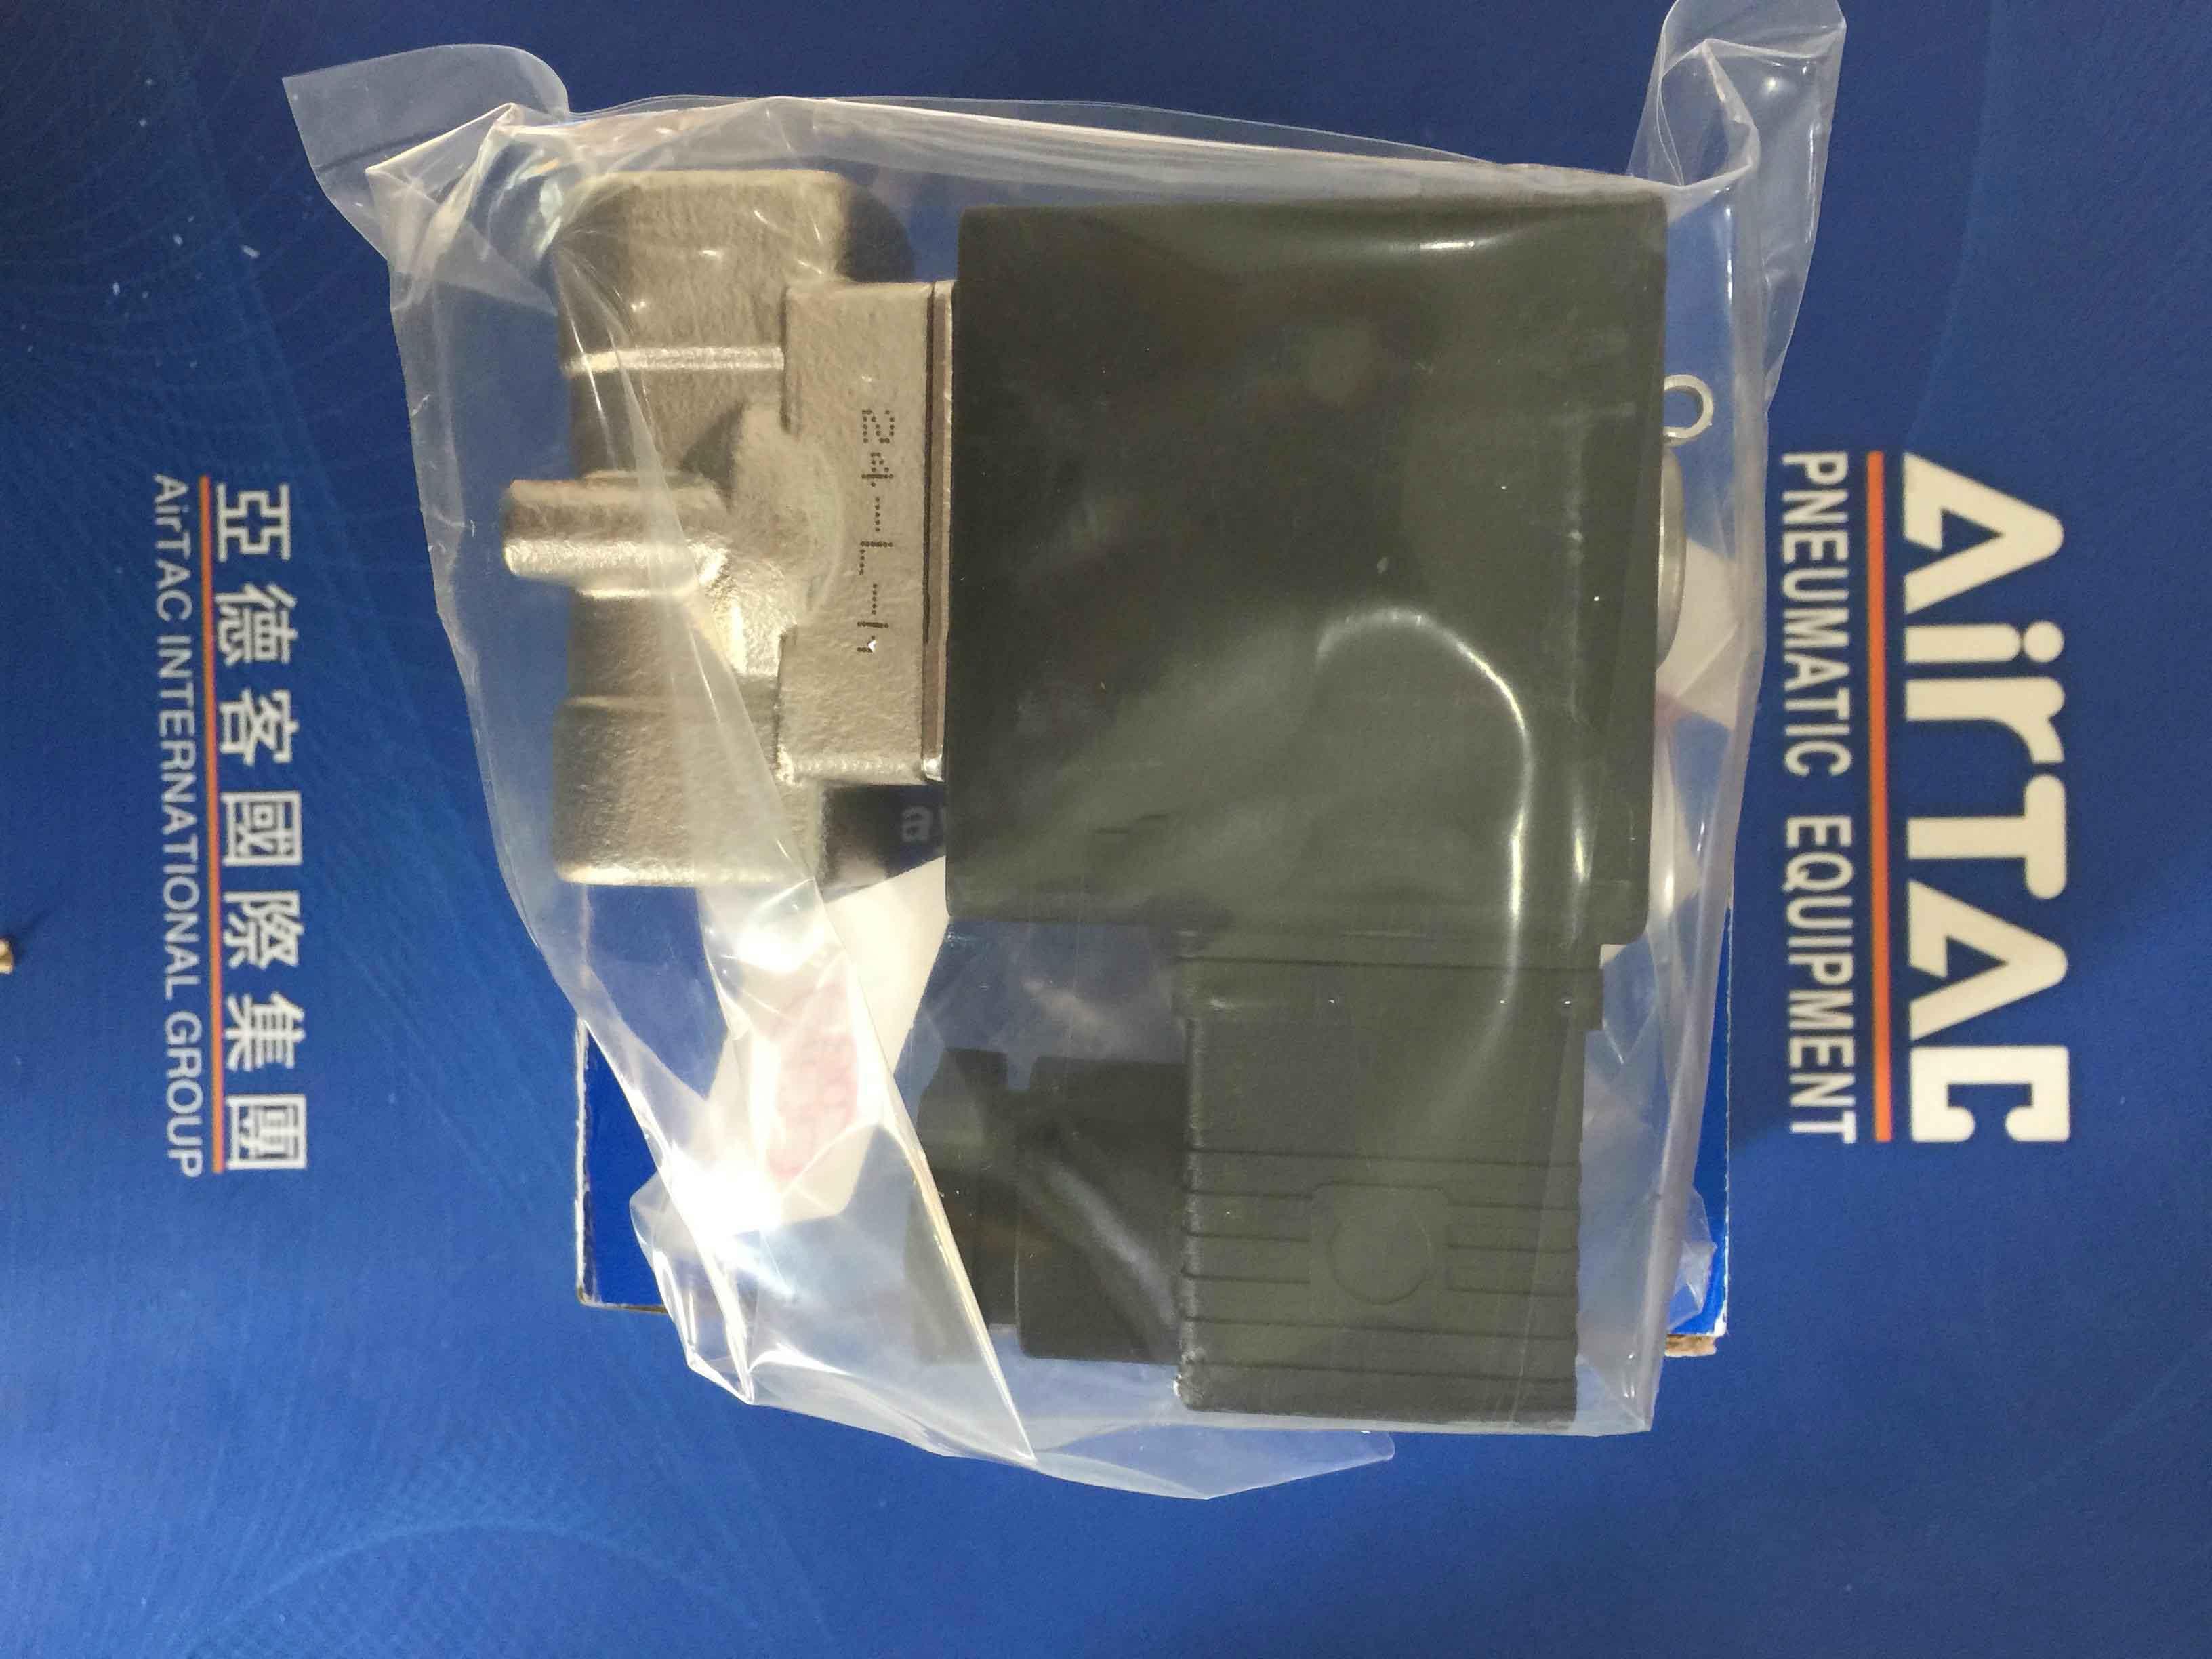 Aço inoxidável vapor AIRTAC original AIRTAC válvula solenóide de Abertura 2KL050-102KL050-15